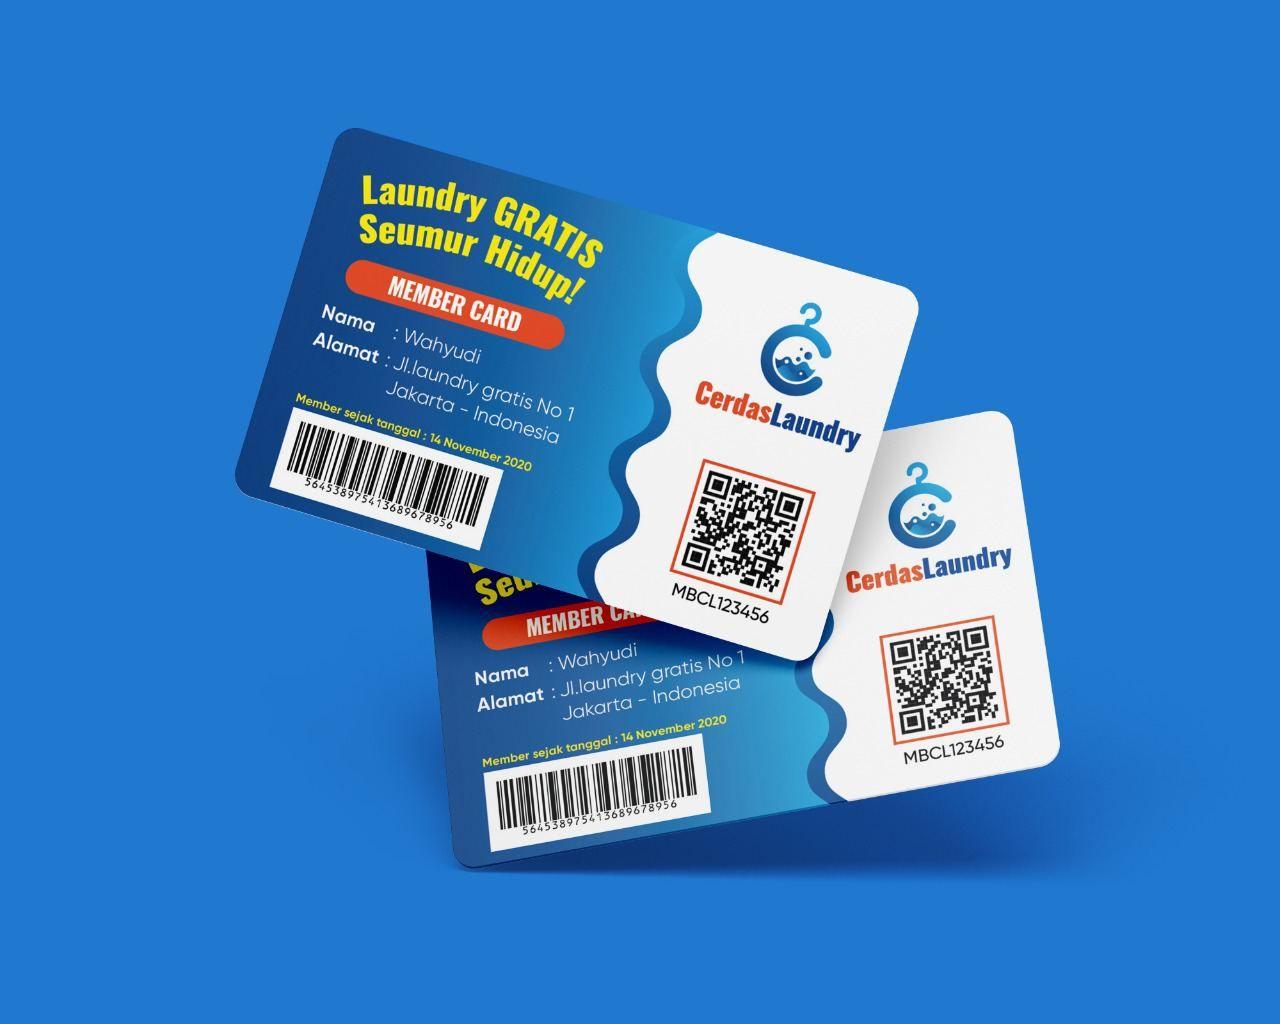 Laundry Daerah Harapan Mulya